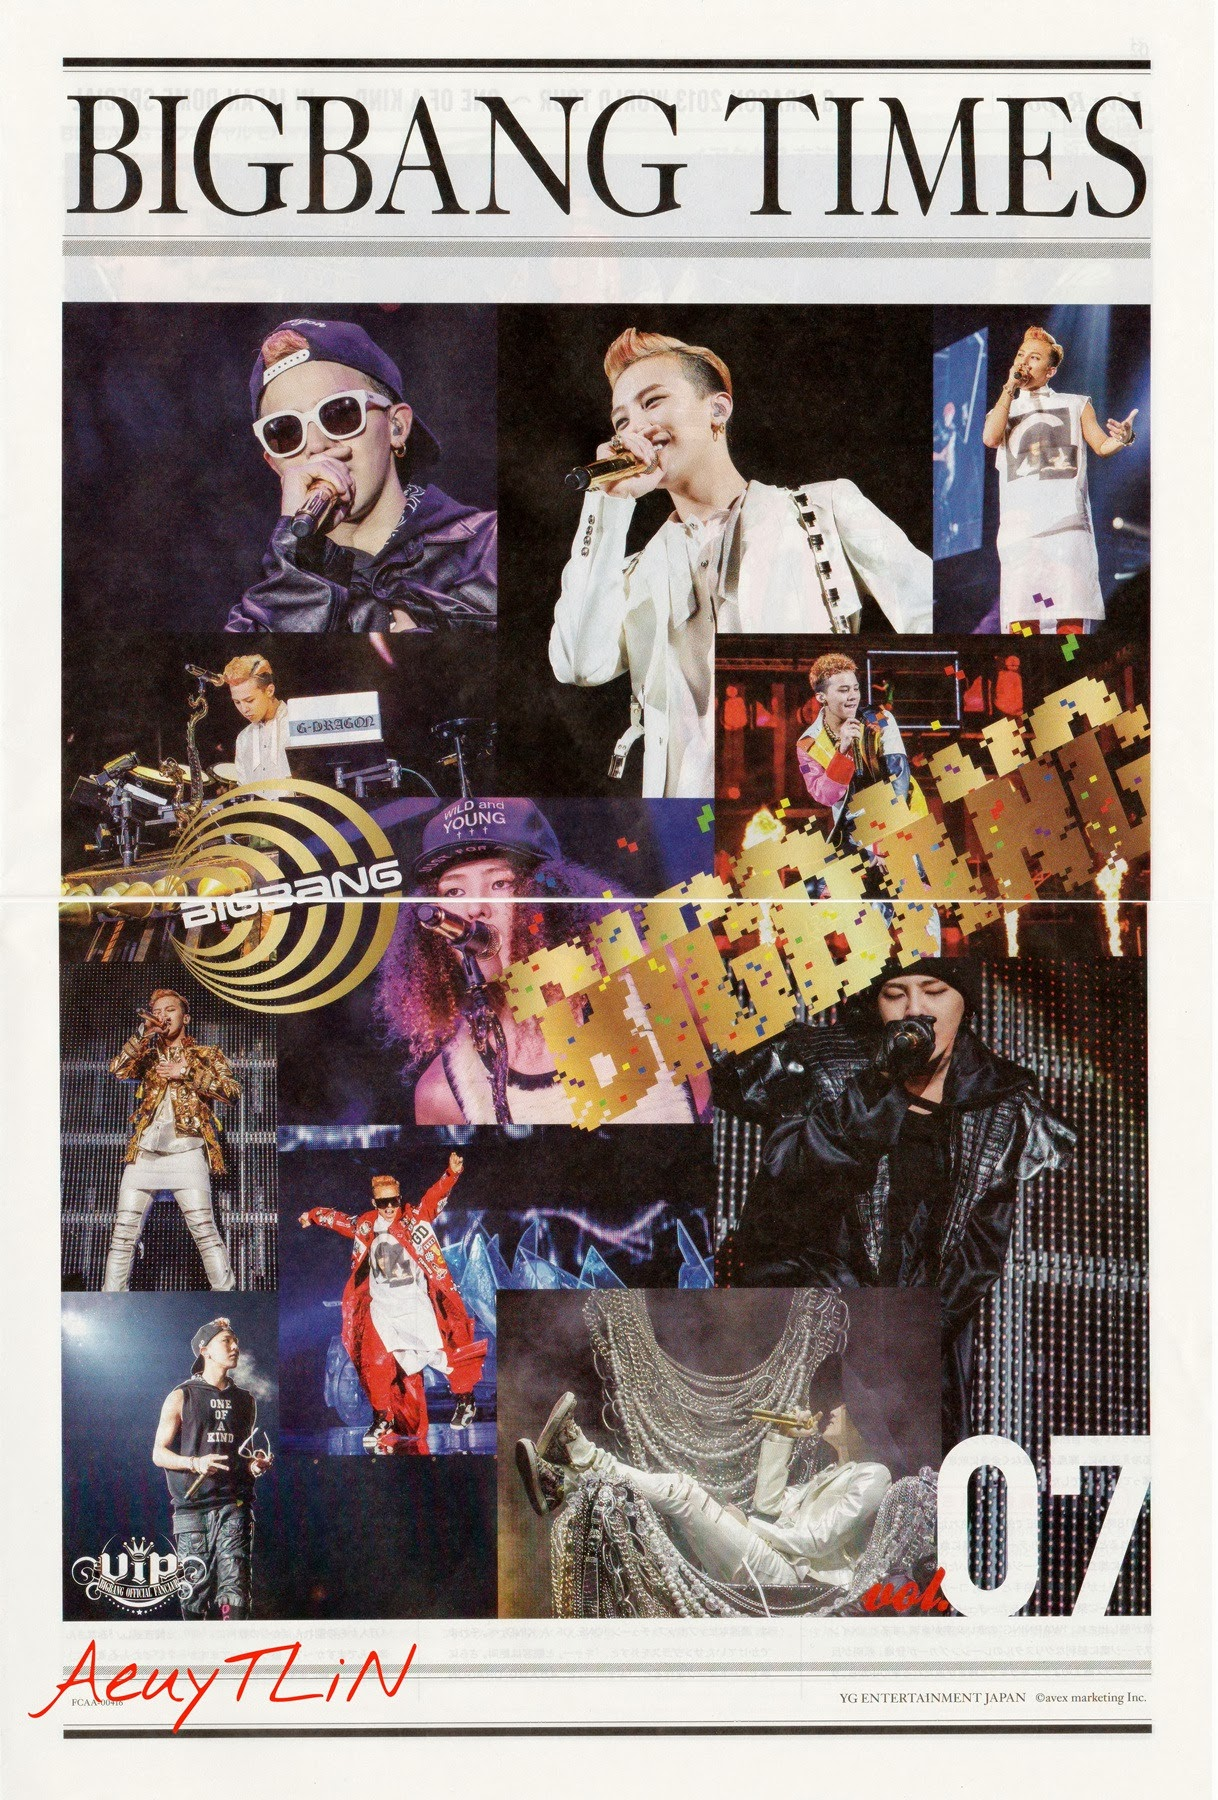 Big Bang - BIGBANG TIMES - Vol.07 - 2013 - 01.jpg